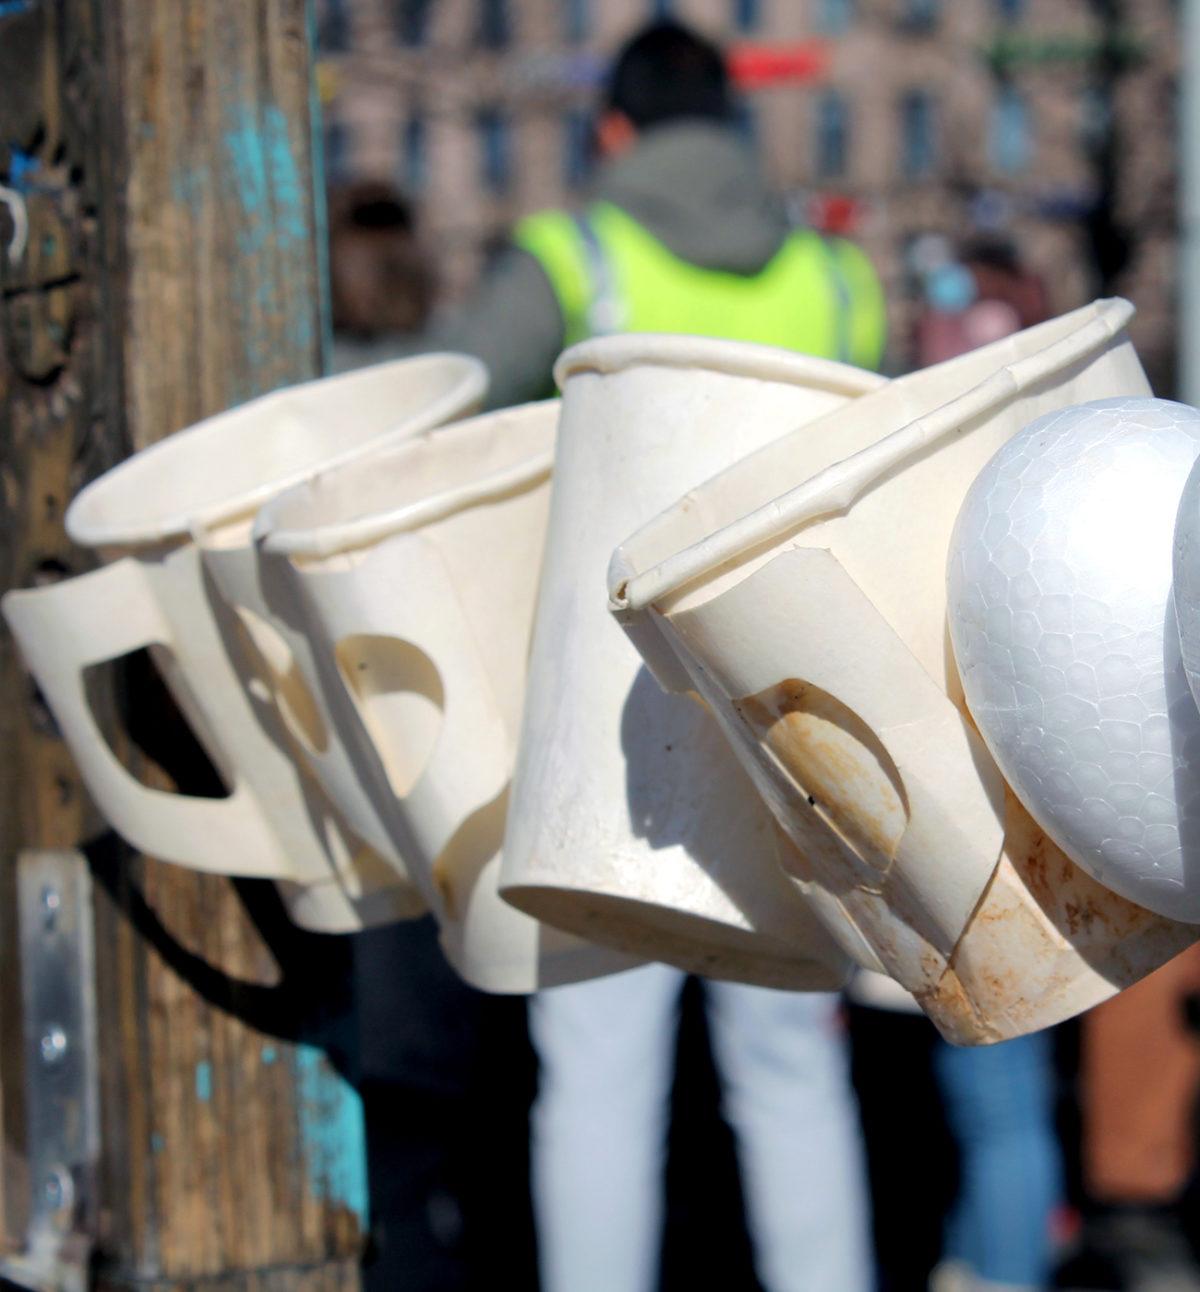 Lähes 90 päivää ulkona – Turvapaikanhakijat vaativat oikeutta Rautatientorilla